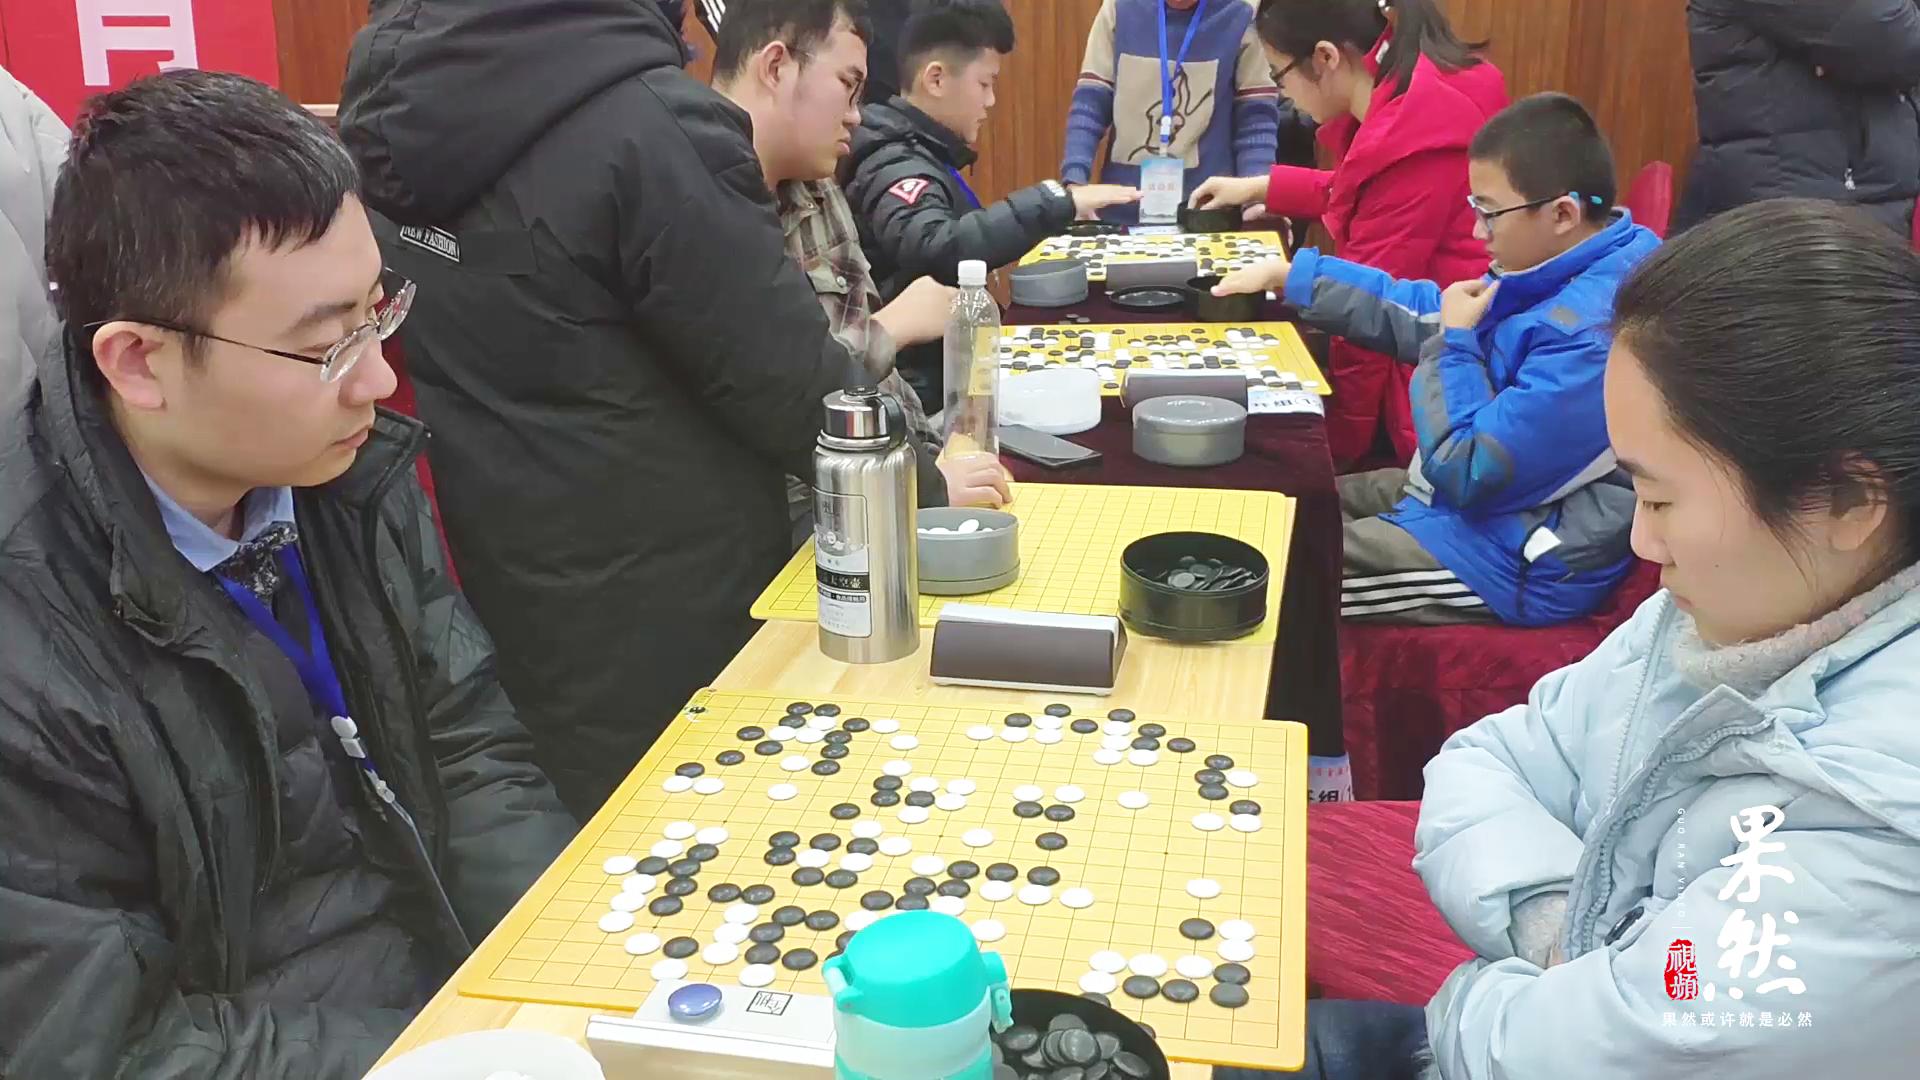 600余名选手齐聚聊城参加2020年山东省首届西部围棋邀请赛